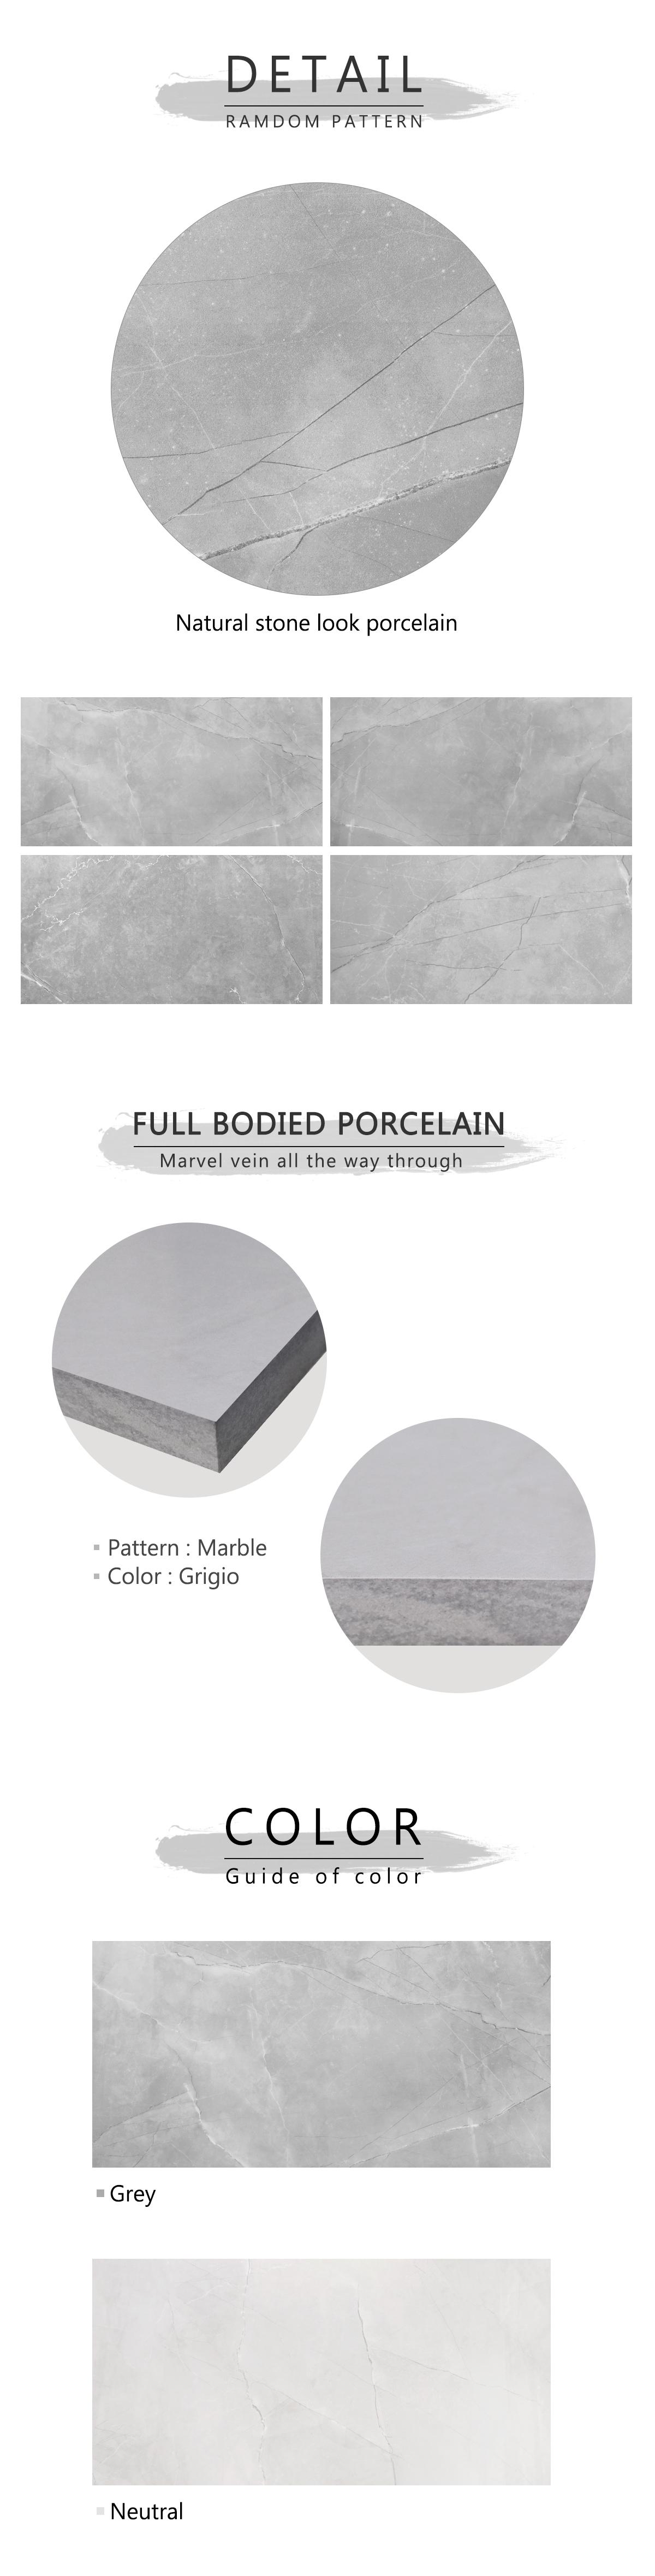 grey-page-design_02